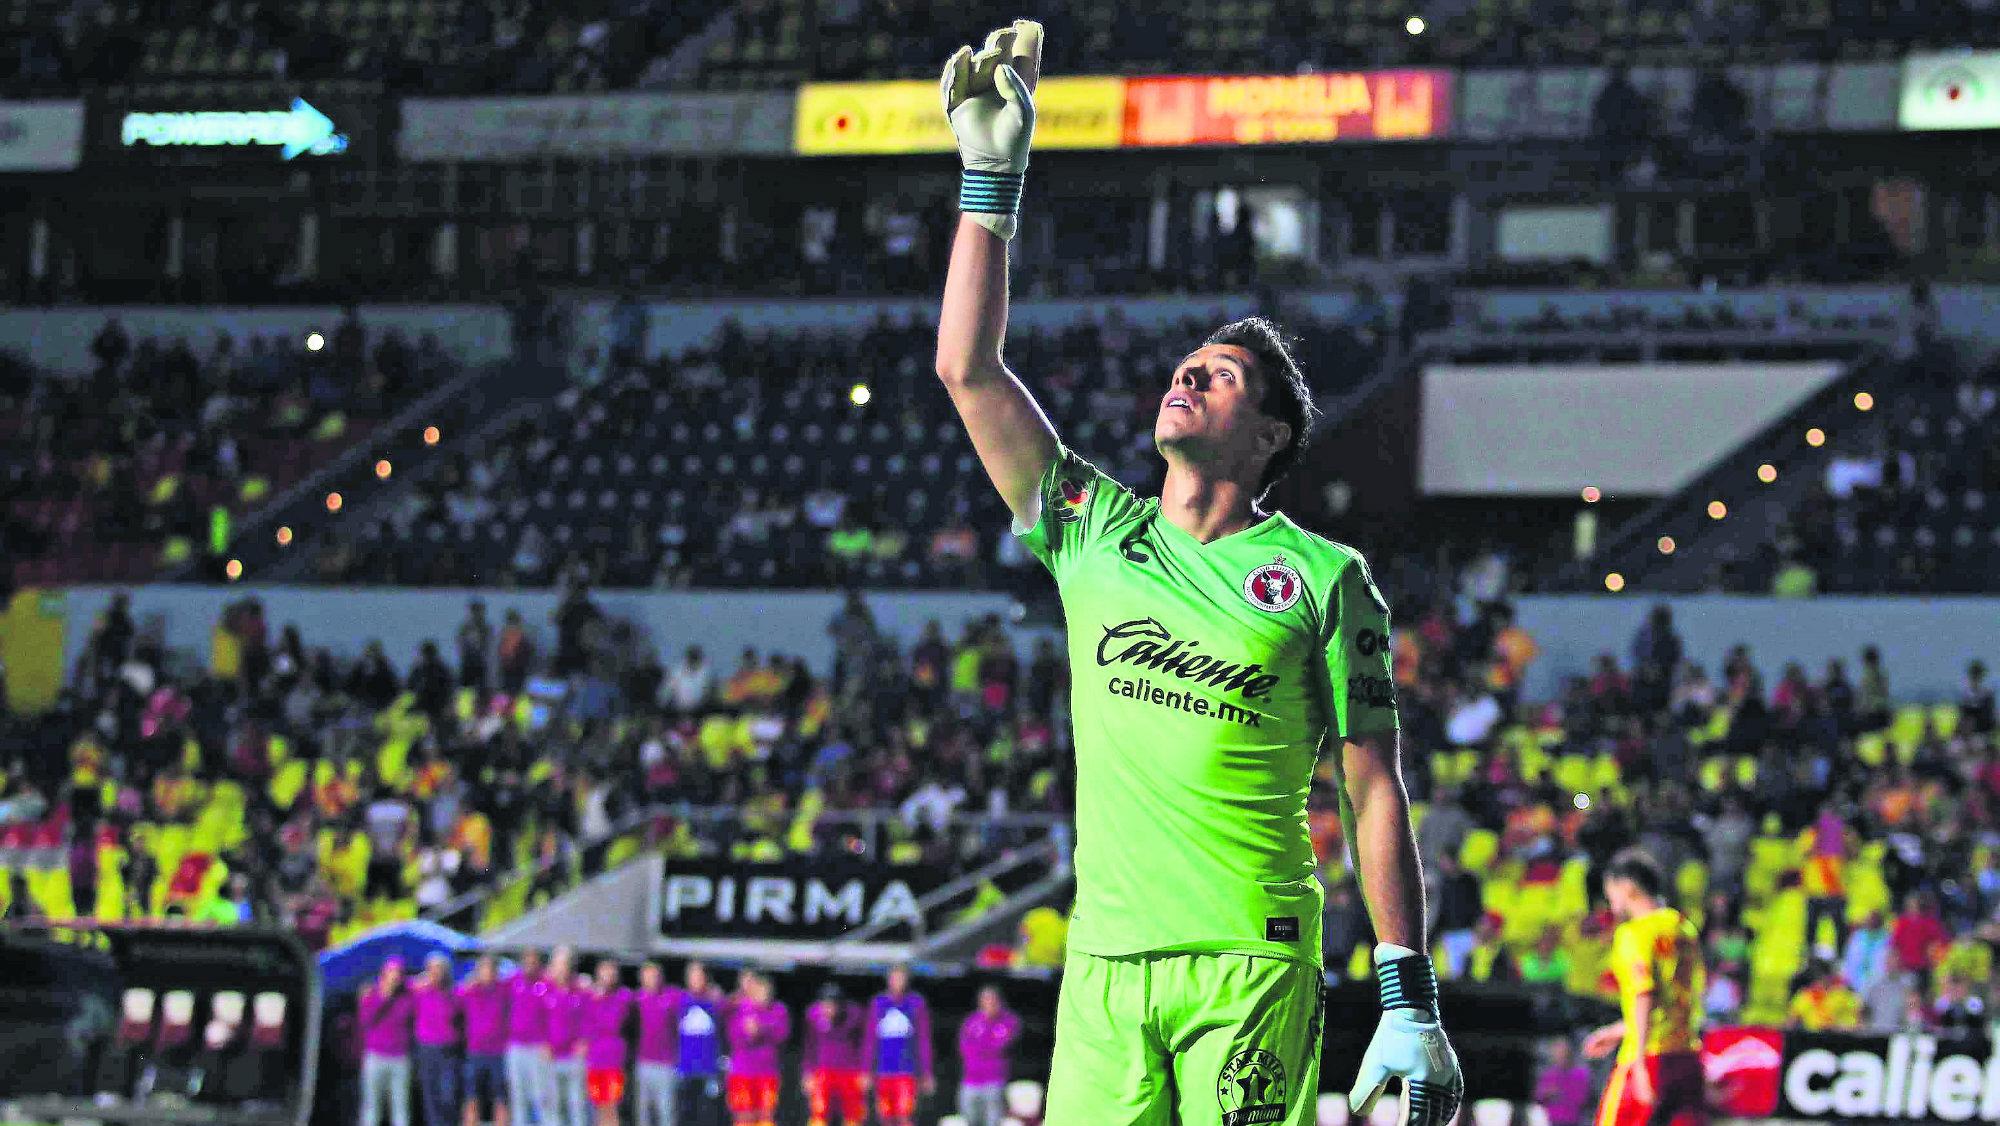 Antonio Rodríguez realiza ajustes a su persona tras entrar a Chivas ya no será Toñito